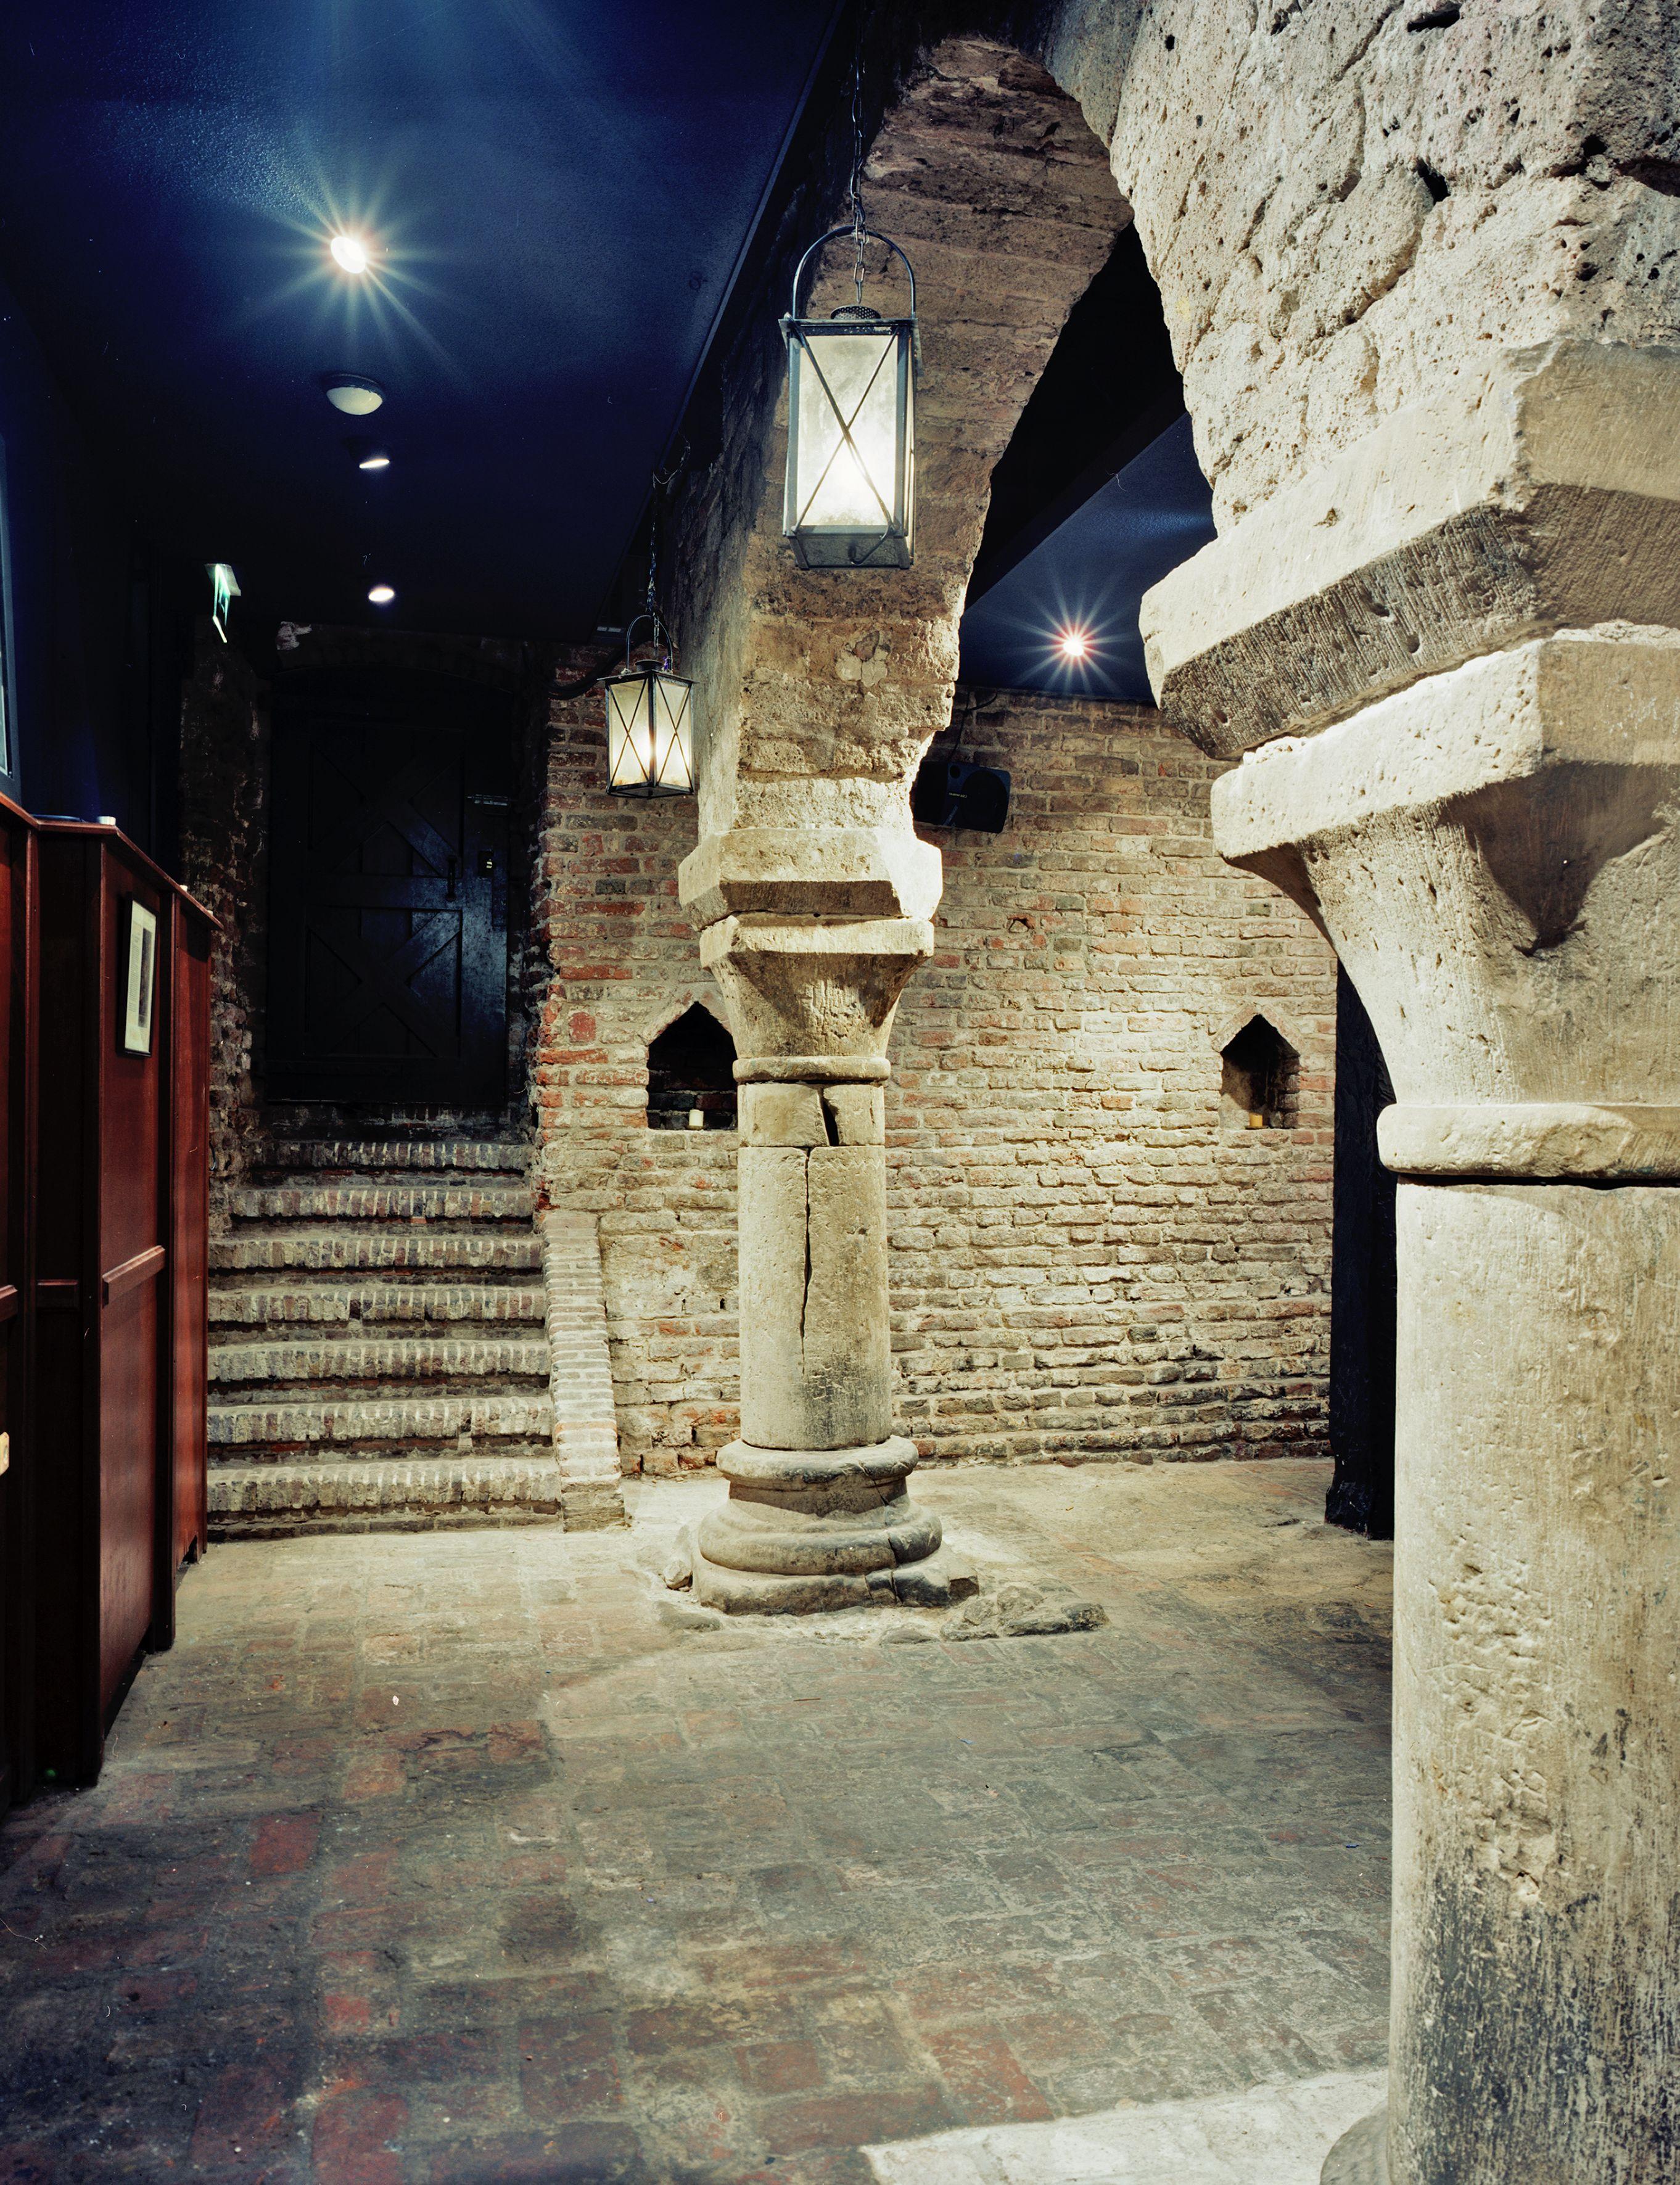 Resten van het keizerlijk paleis Lofen in Utrecht, waar de keizer stadsrecht gaf aan Utrecht.